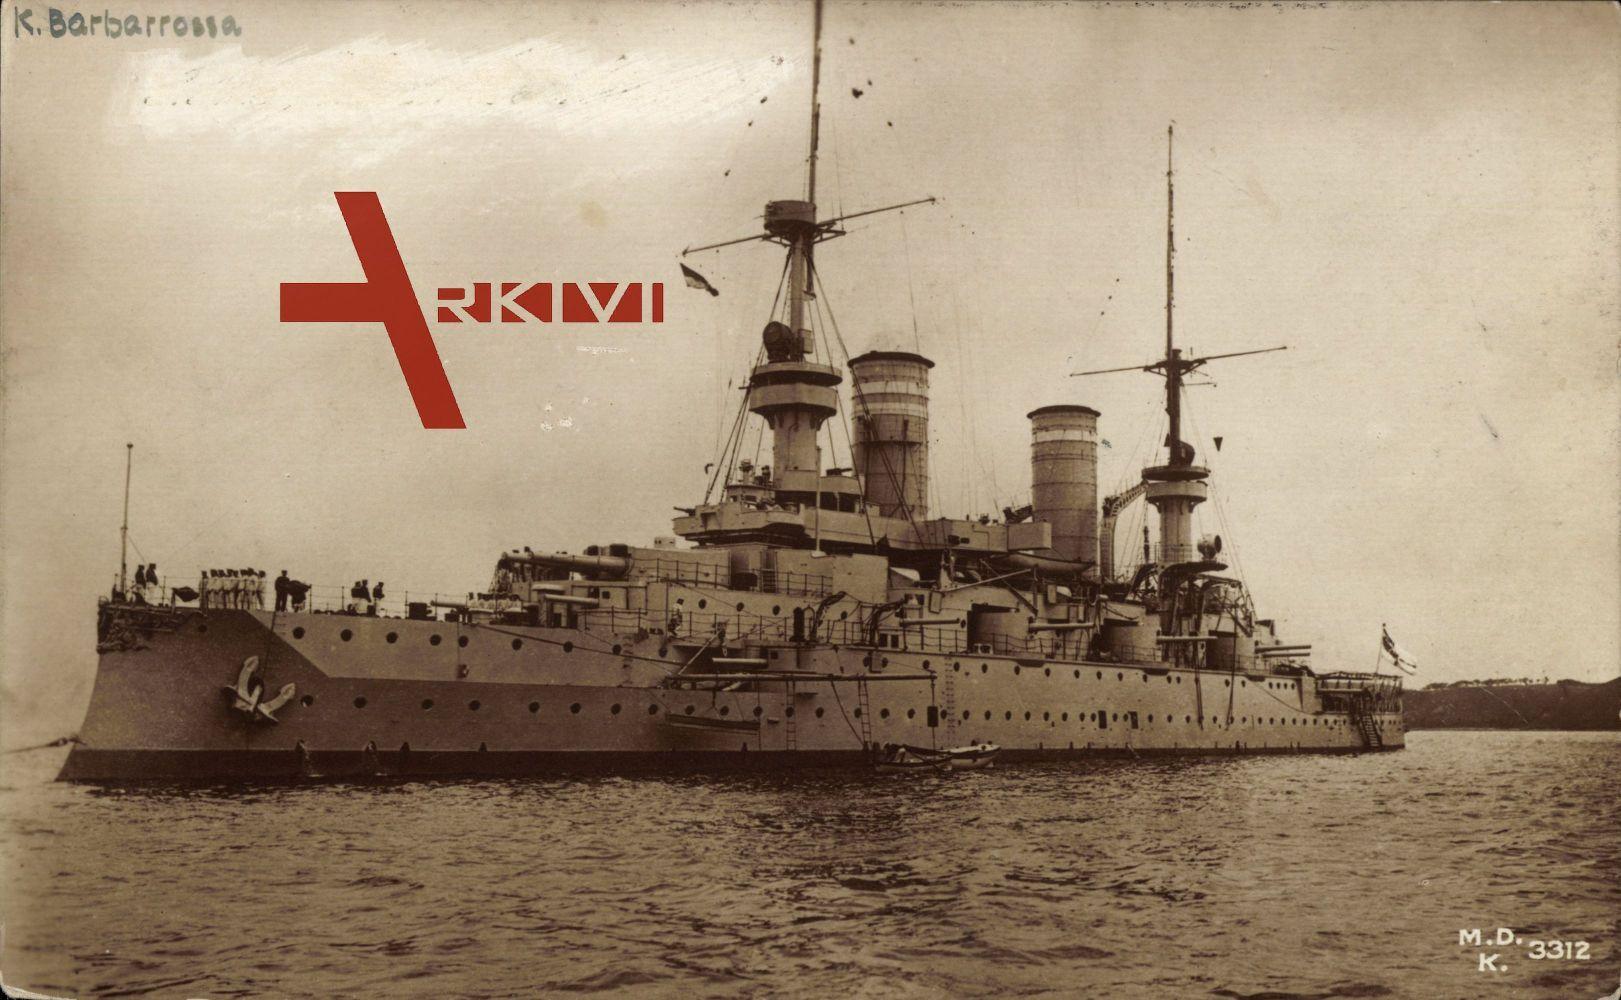 S.M.S. Barbarossa, Deutsches Kriegsschiff, Besatzung an Bord